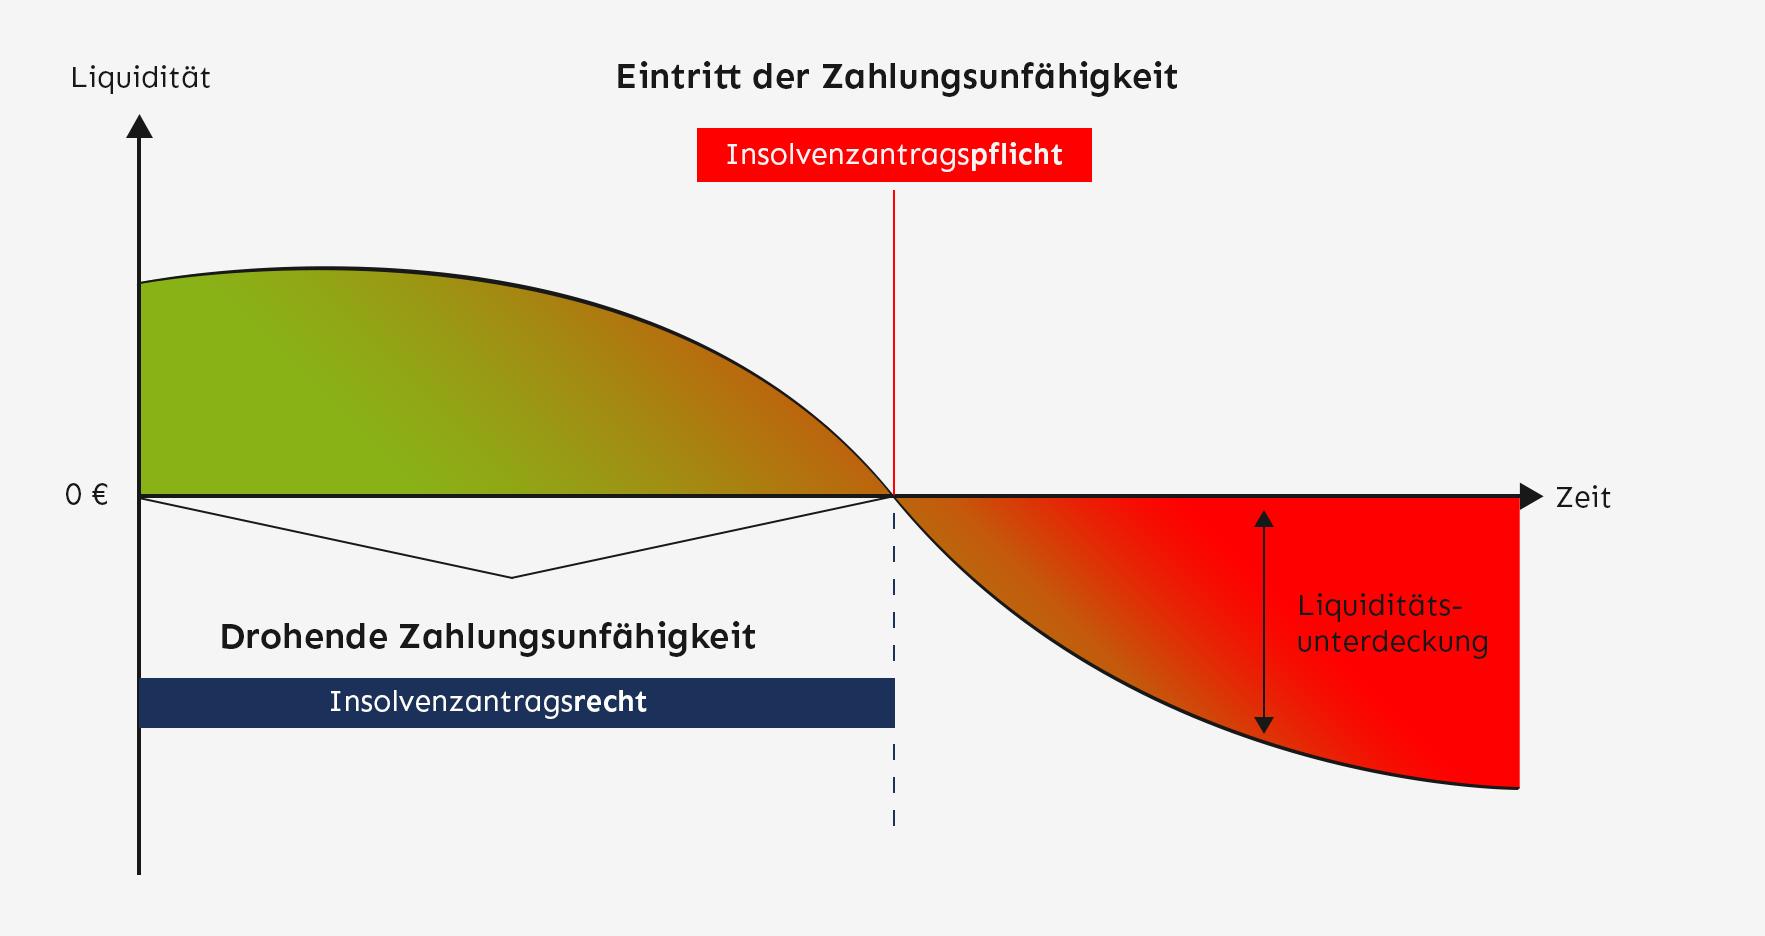 Zahlungsunfähigkeit & Insolvenzantrag - Zusammenhang